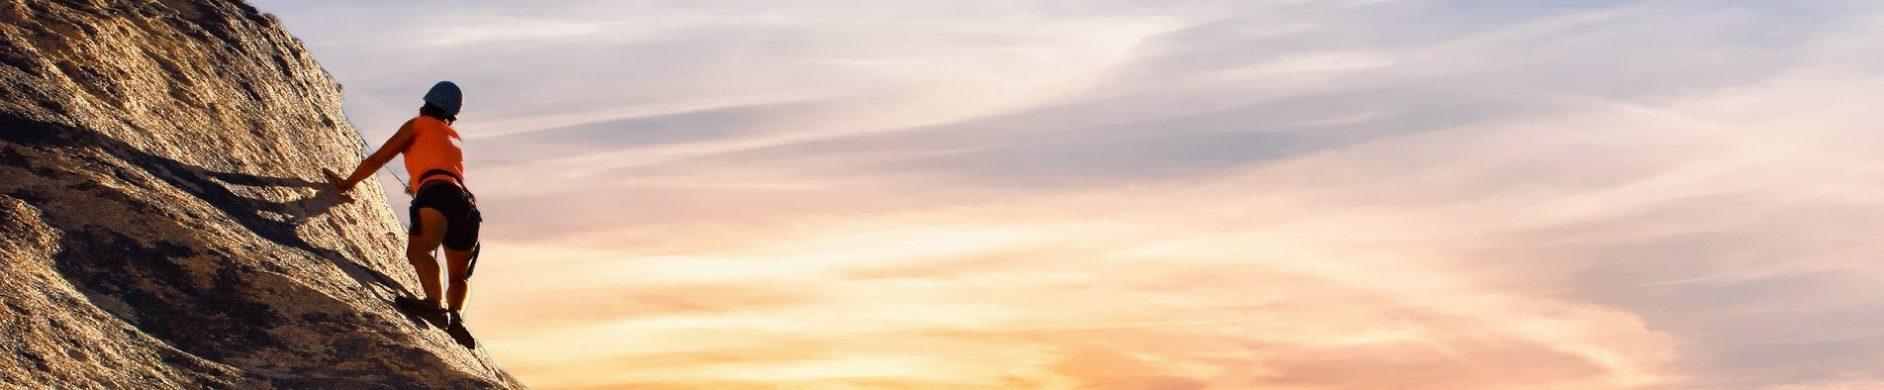 Escalade+Guide+Haute+Montagne - Les matins du monde